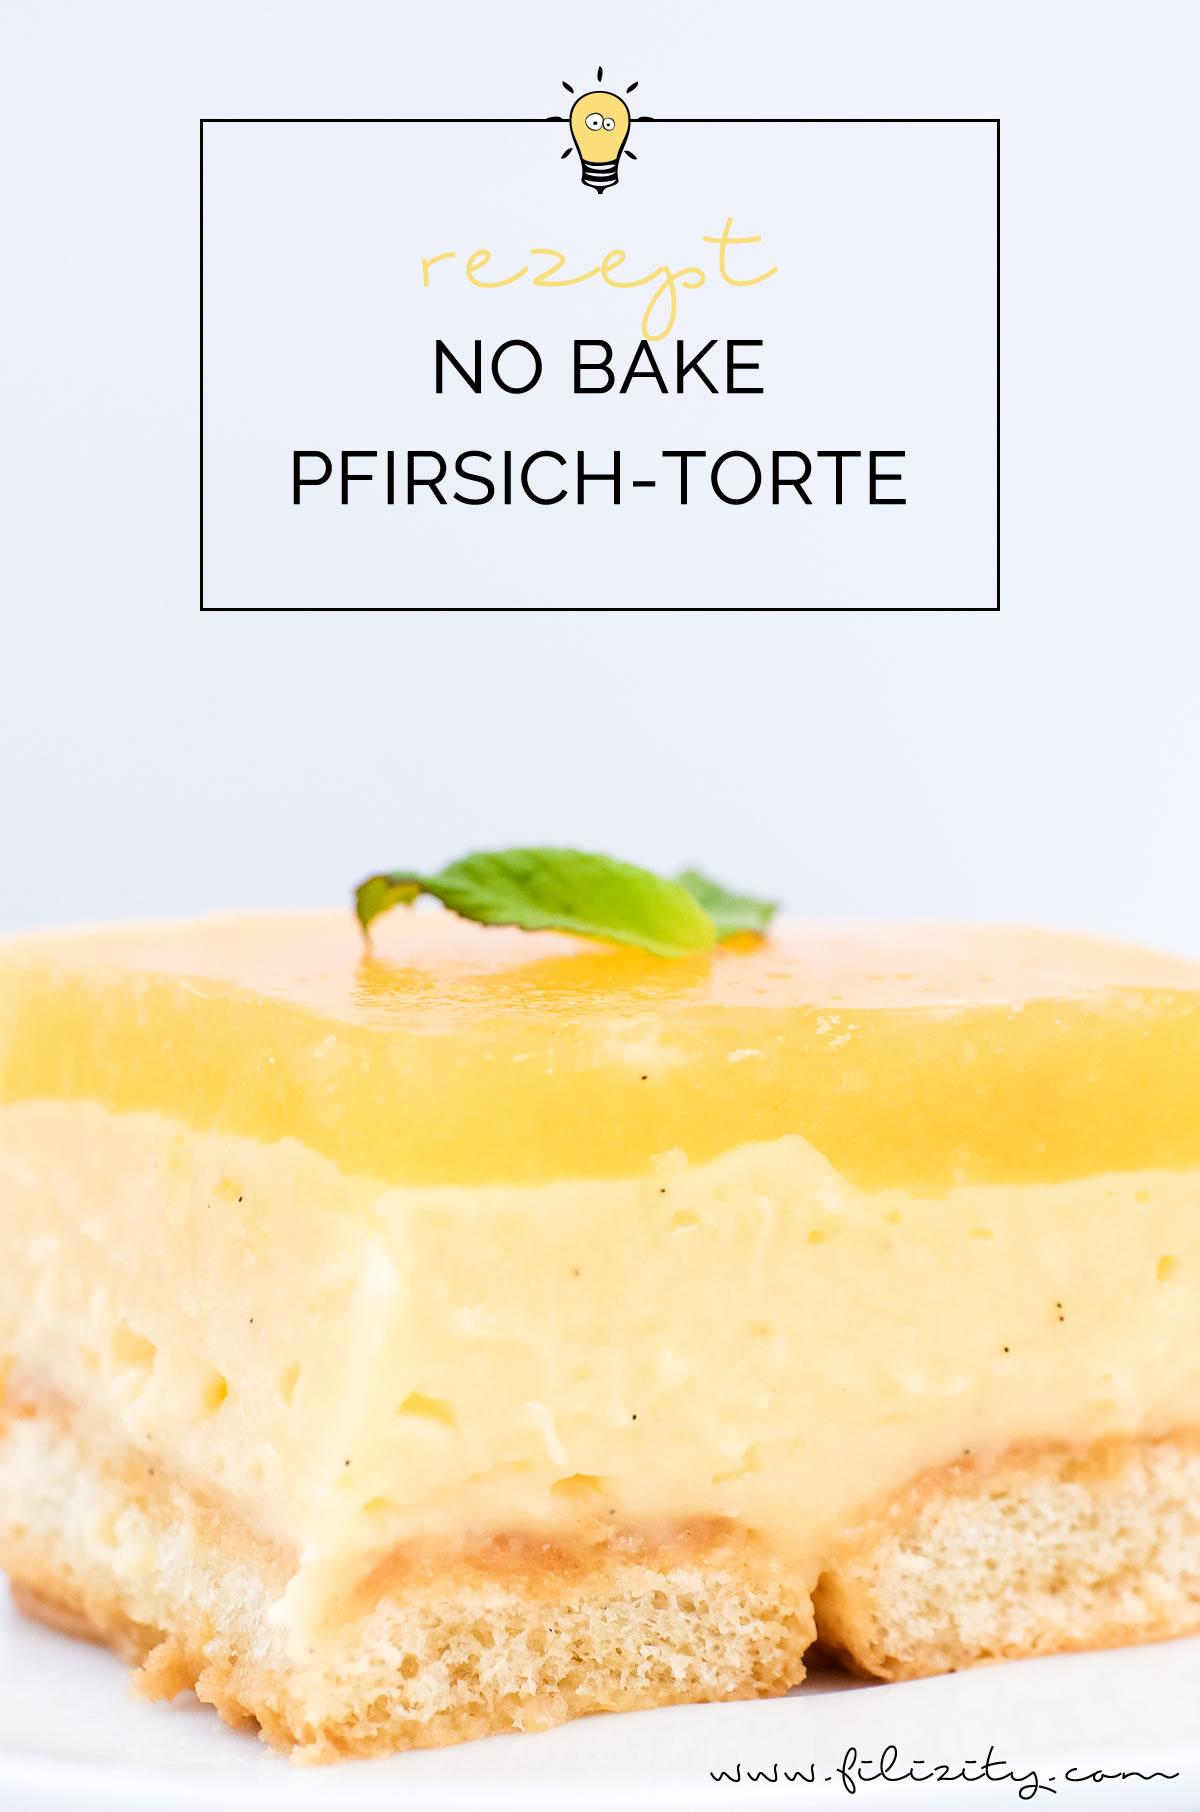 Rezept No Bake Torte: Pfirsich-Vanille-Torte ohne Backen | Perfekt für Geburtstage, Partys, Ostern, Frühling & Sommer | Filizity.com | Food-Blog aus dem Rheinland #frühling #sommer #nobake